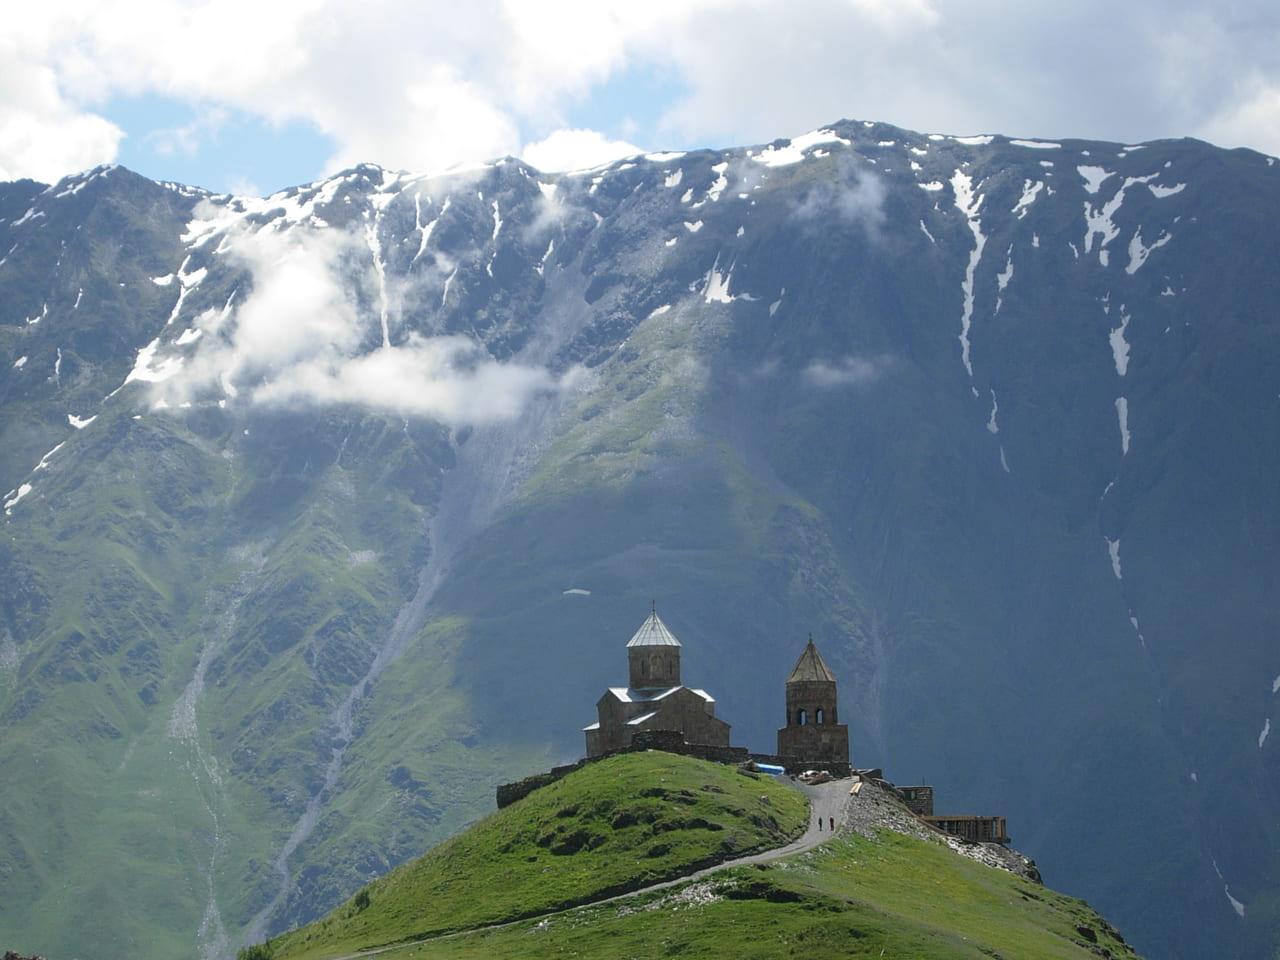 三位一体教会(ツミンダ・サメバ教会)は巨大な岩山を背景に絵になる教会です